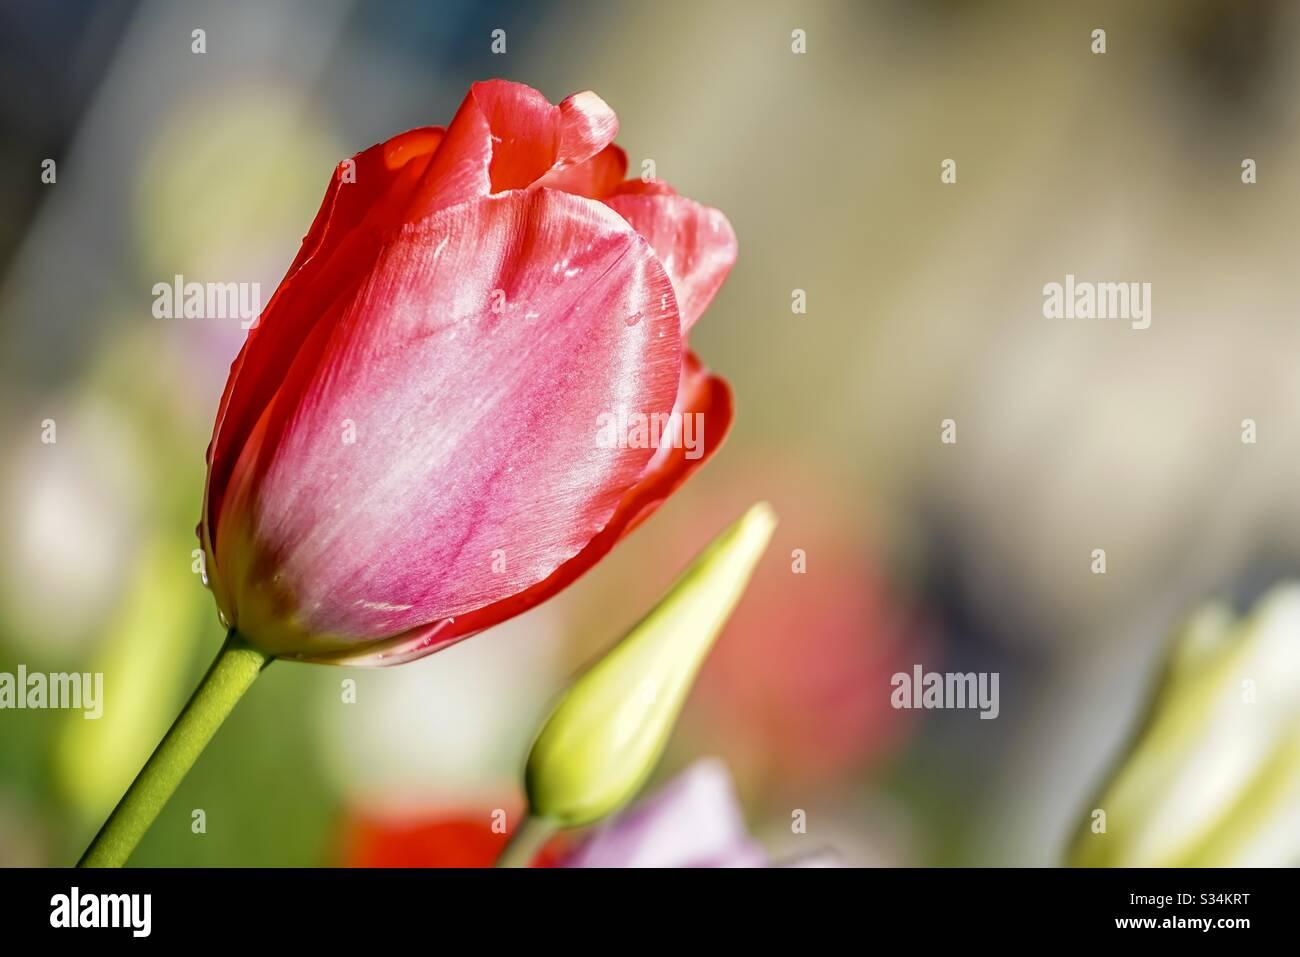 Tulipe rouge avec gouttes d'eau Banque D'Images